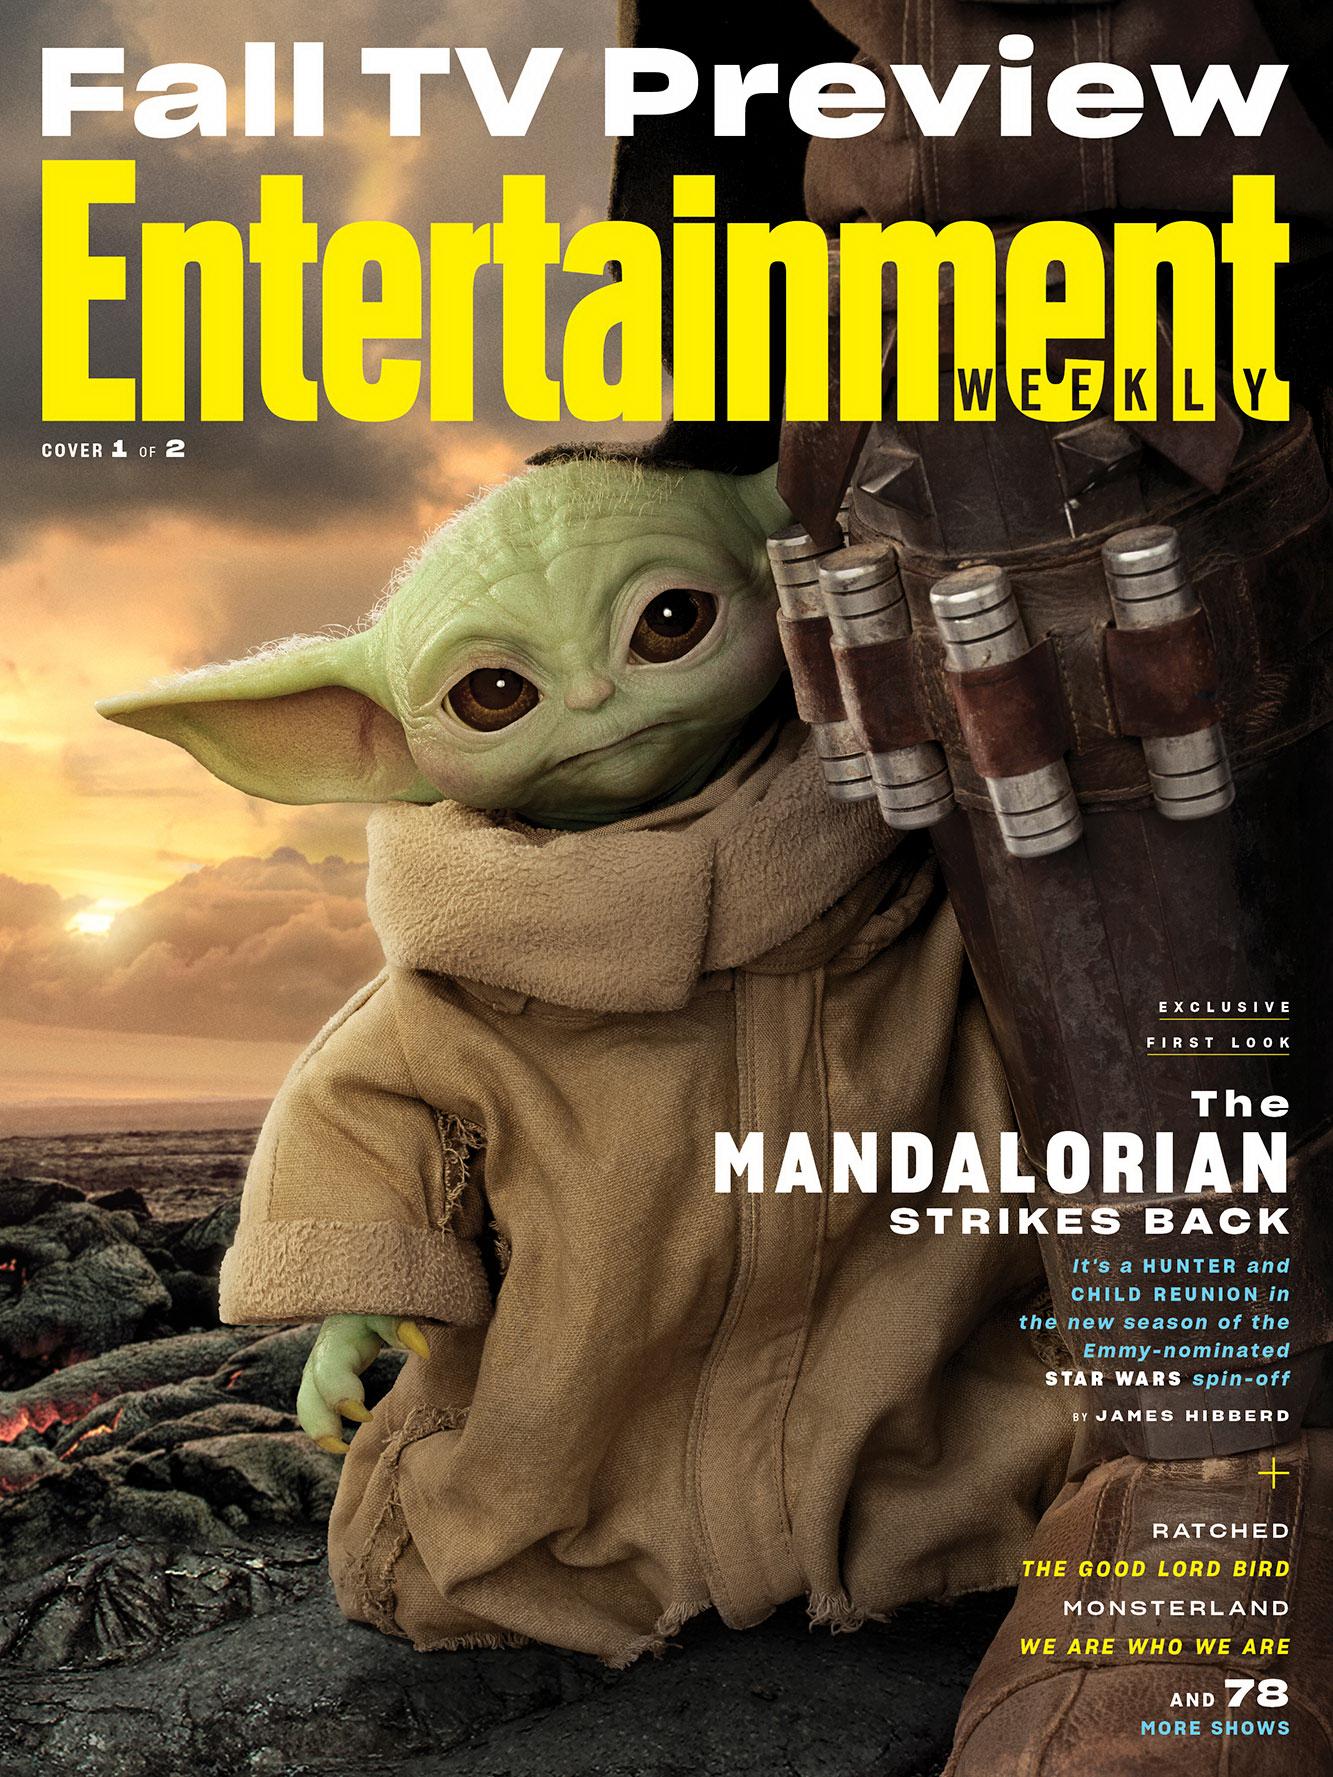 《曼达洛人》第二季剧照曝光 超可爱的尤达宝宝登场